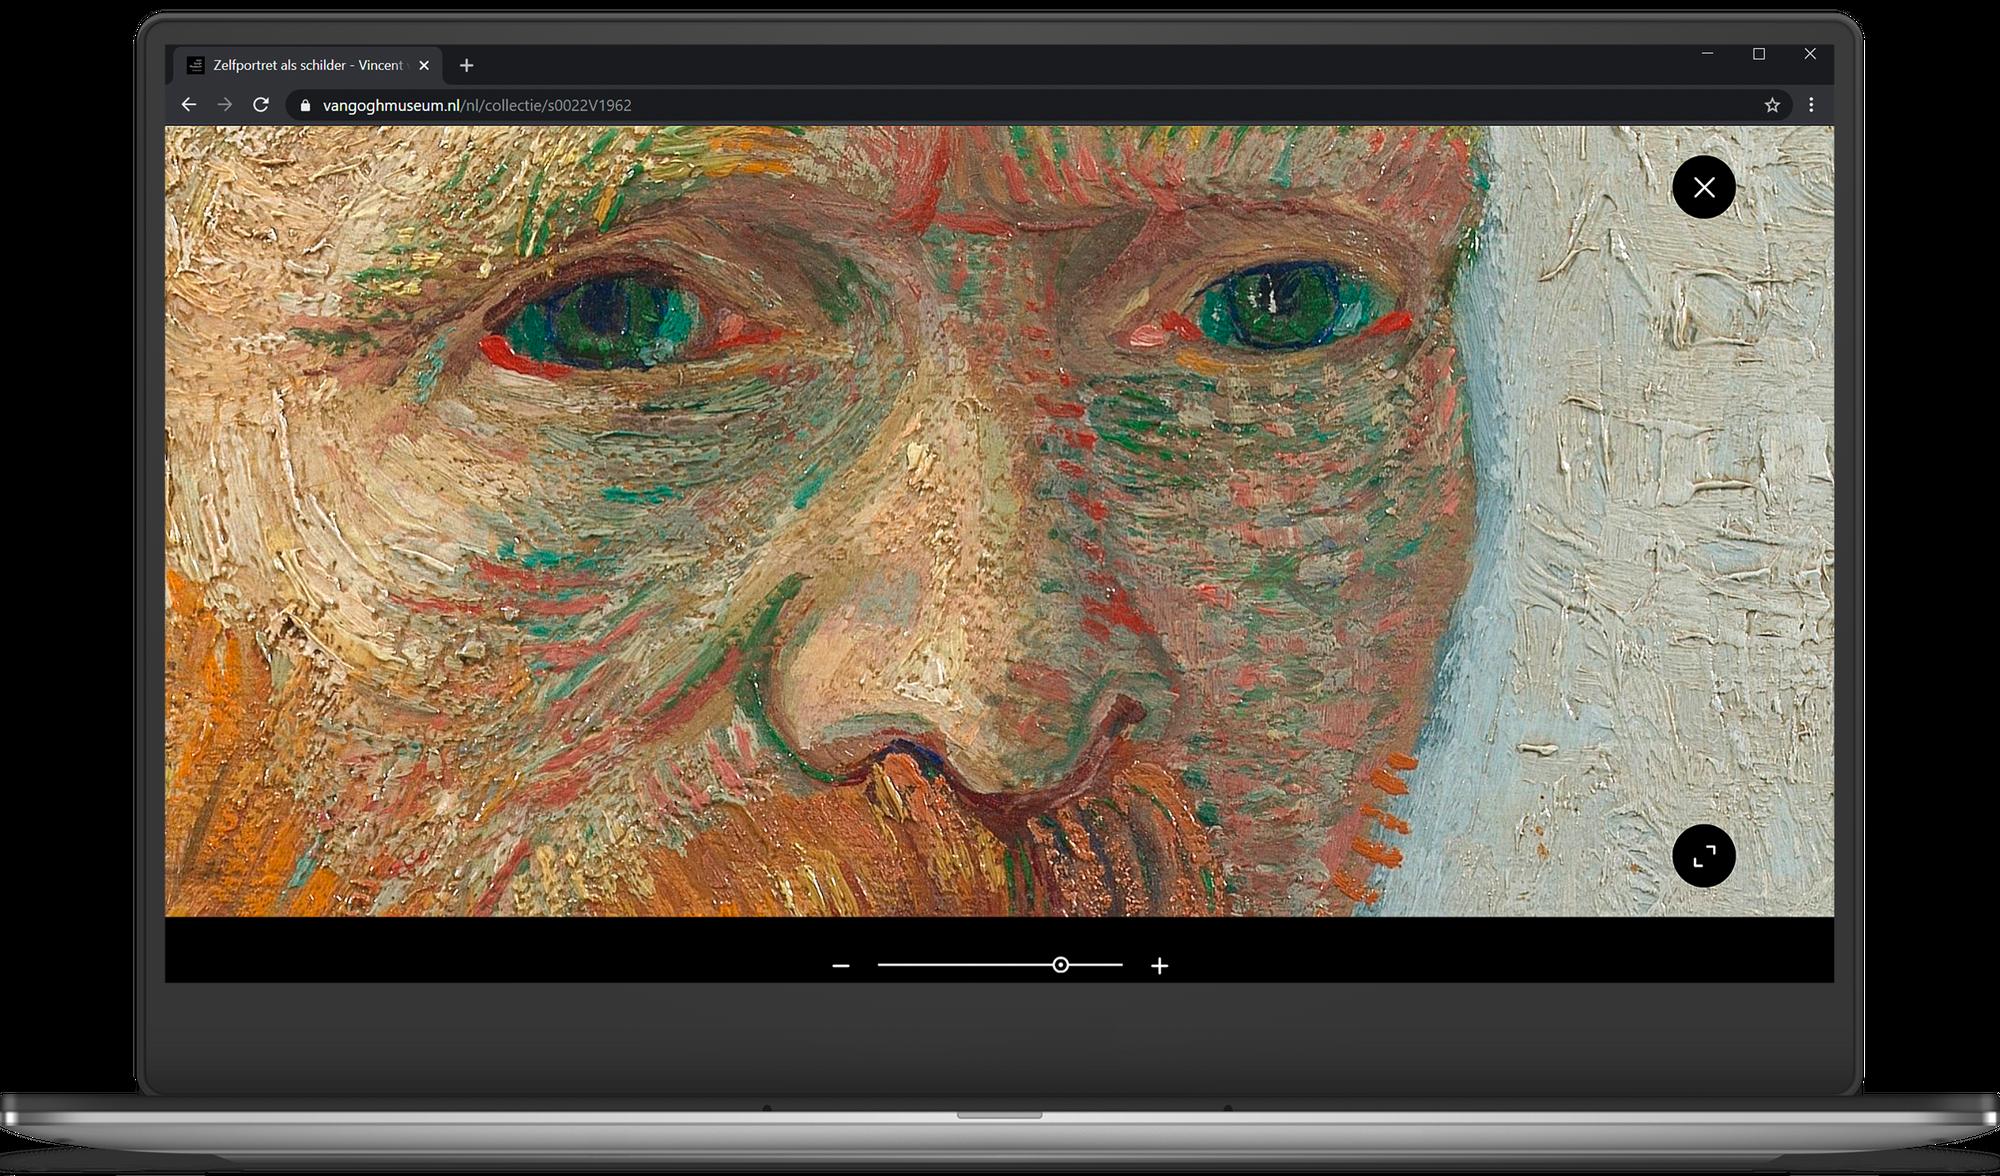 Laptop met een ingezoomd zelfportret van Vincent van Gogh